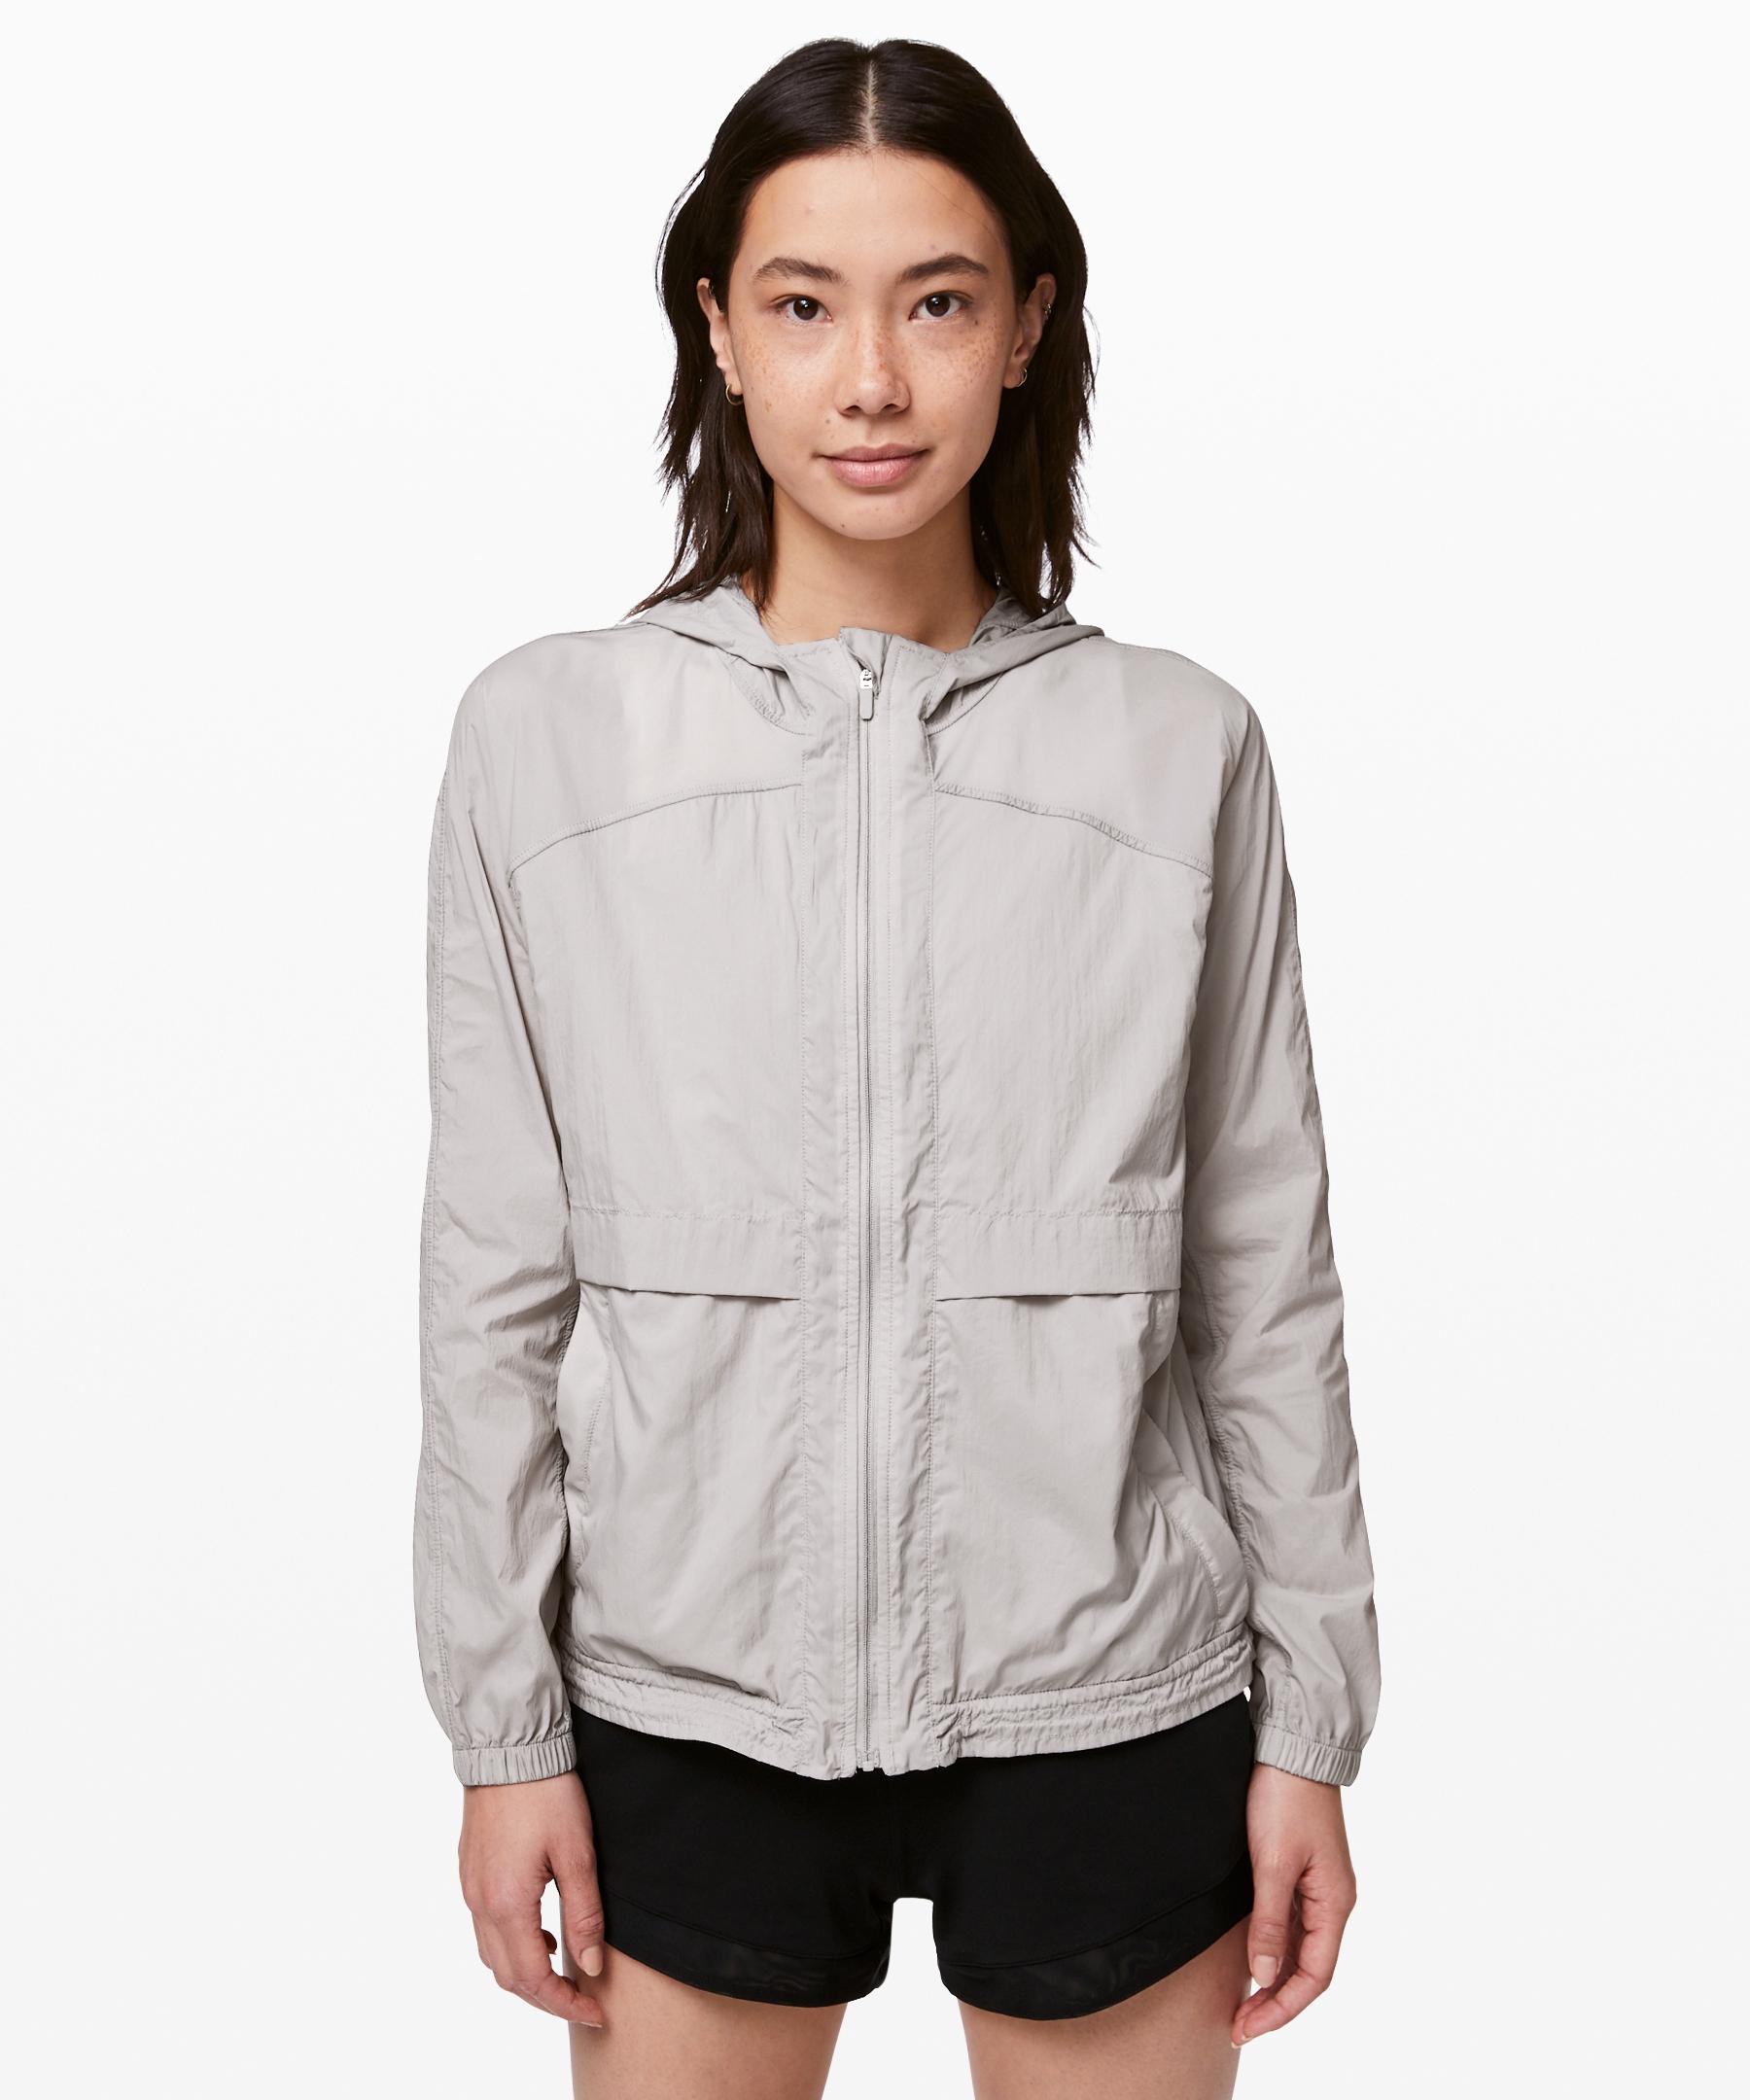 Hood Lite Jacket Packable Women S Jackets Outerwear Lululemon In 2021 Jackets For Women Outerwear Jackets Packable Jacket [ 2160 x 1800 Pixel ]